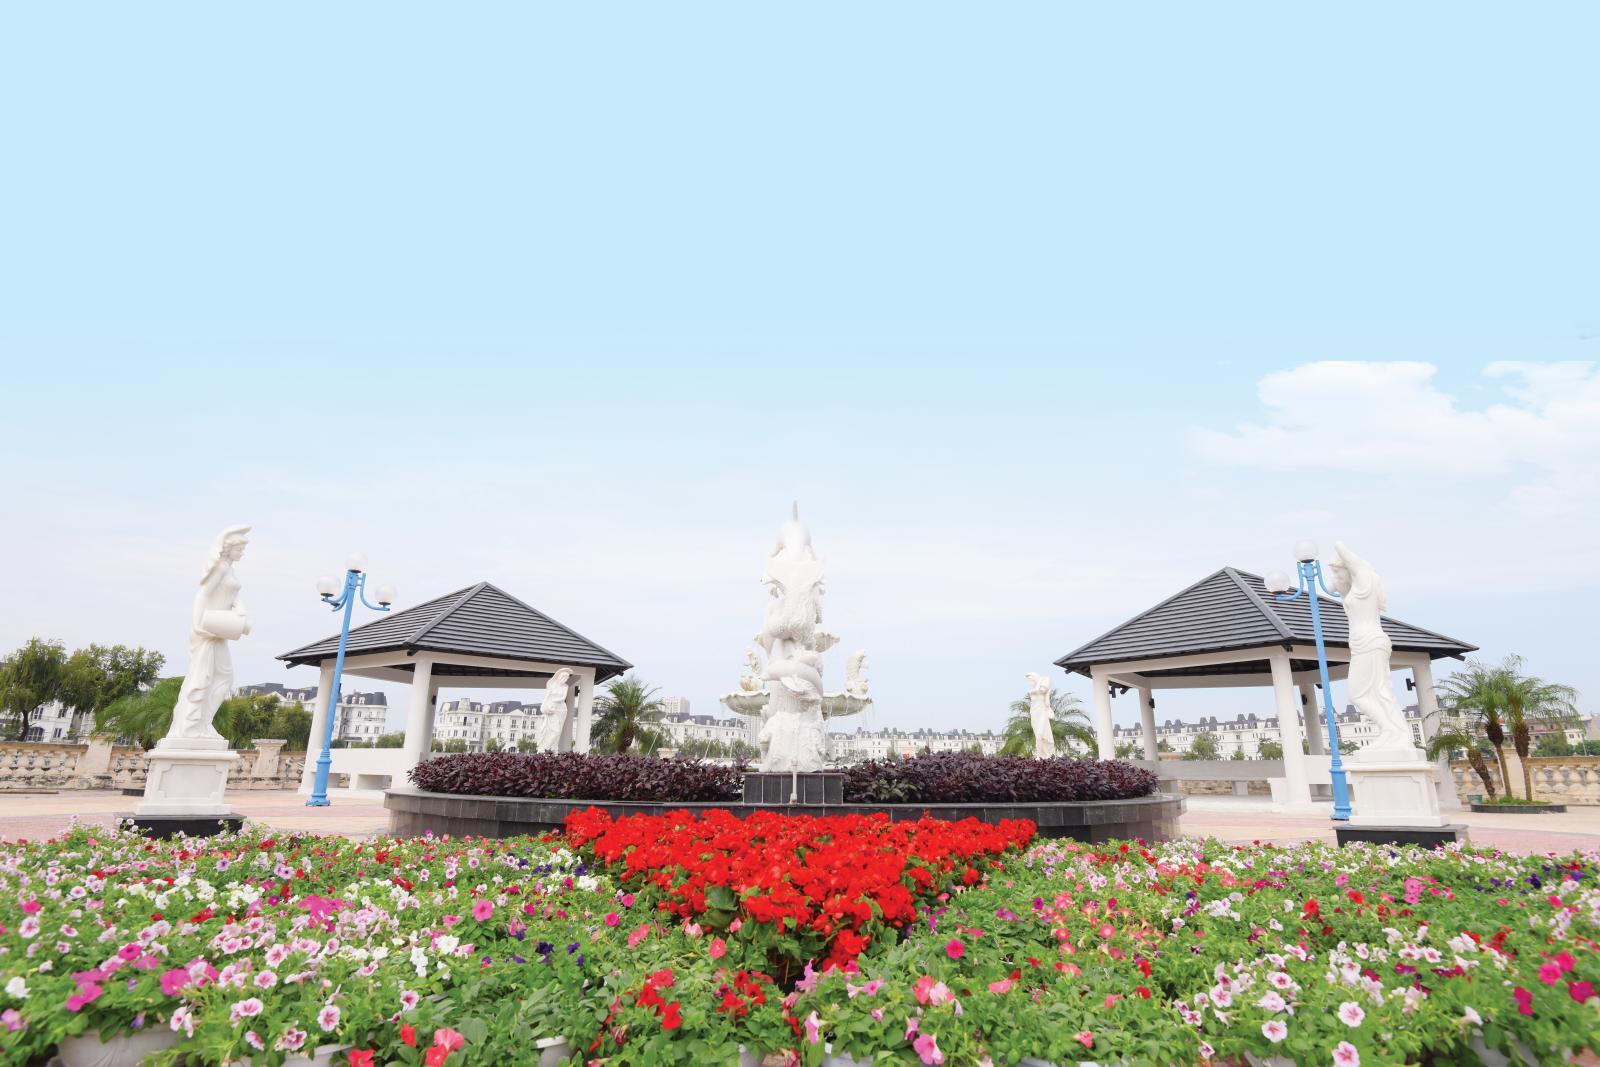 Khuôn viên dự án với các bức tượng, bồn hoa...